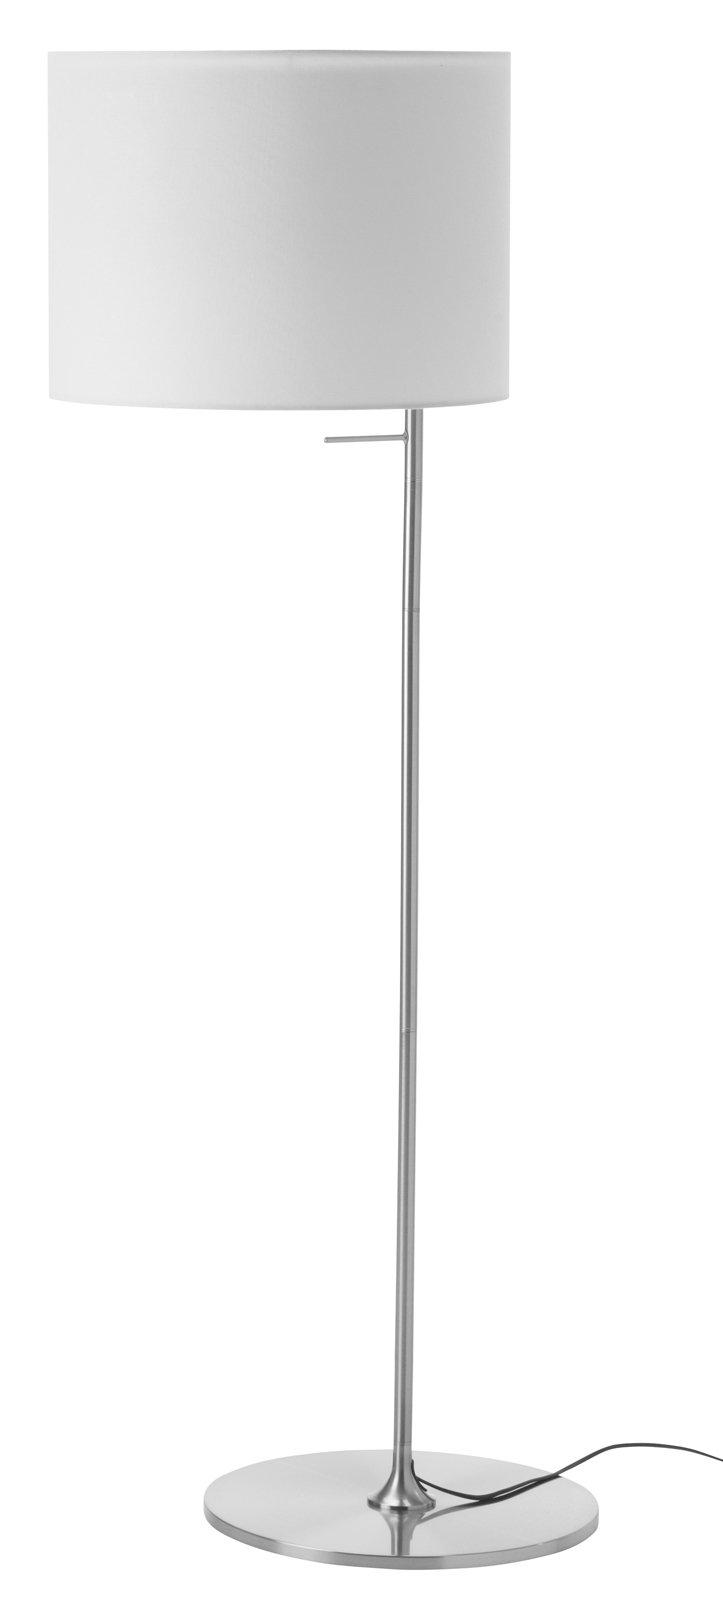 Lampade Soggiorno Ikea ~ idee di design per la casa